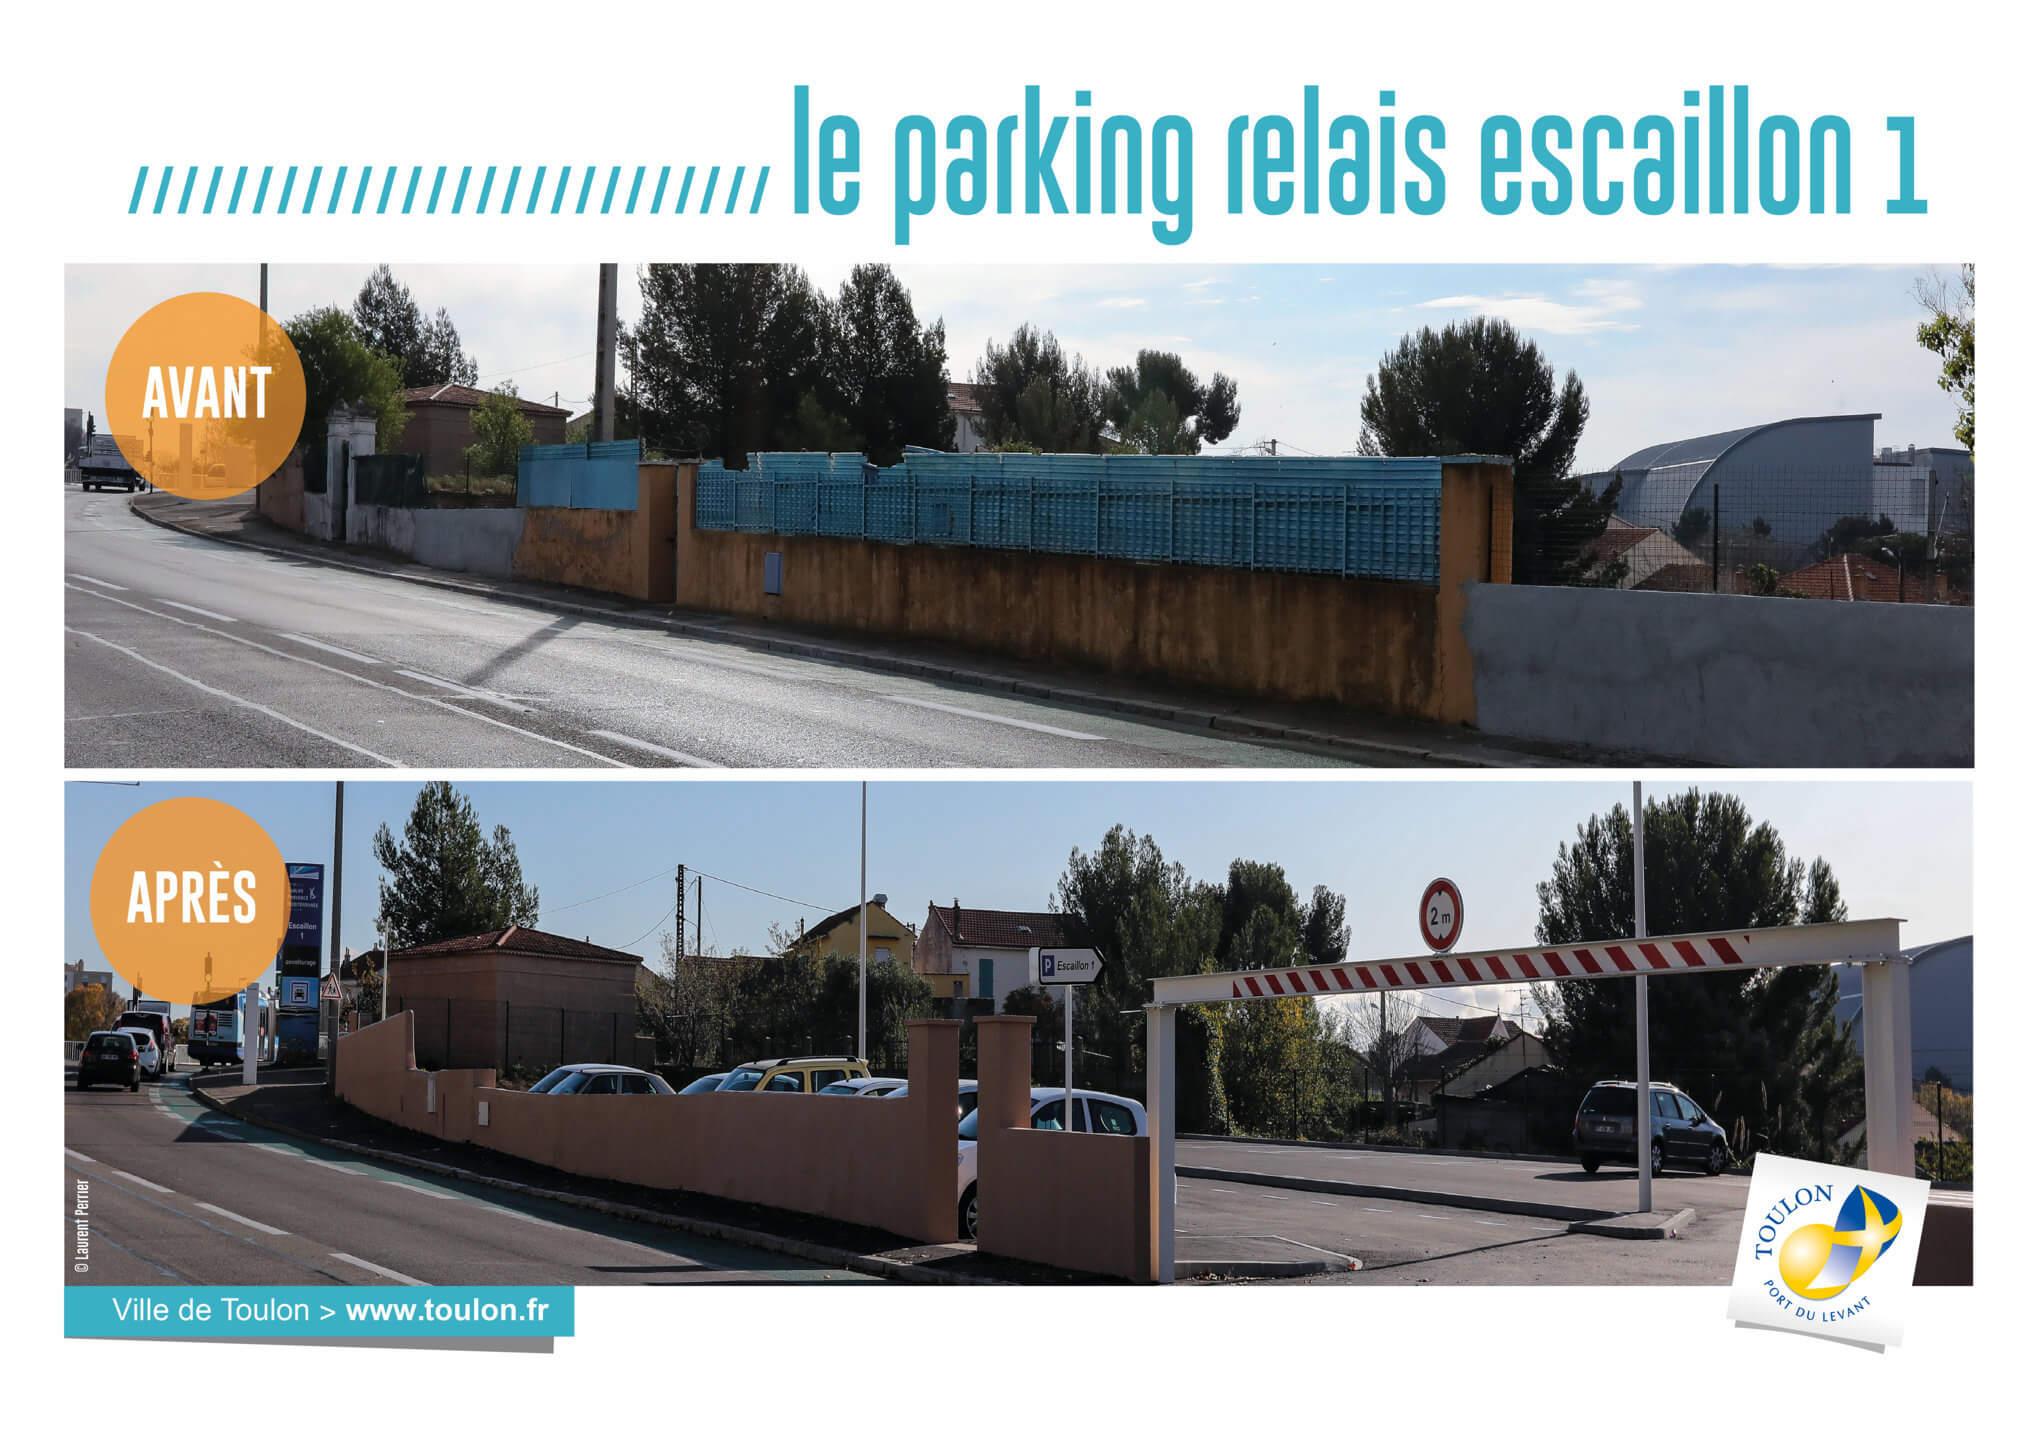 Le parking relais escaillon